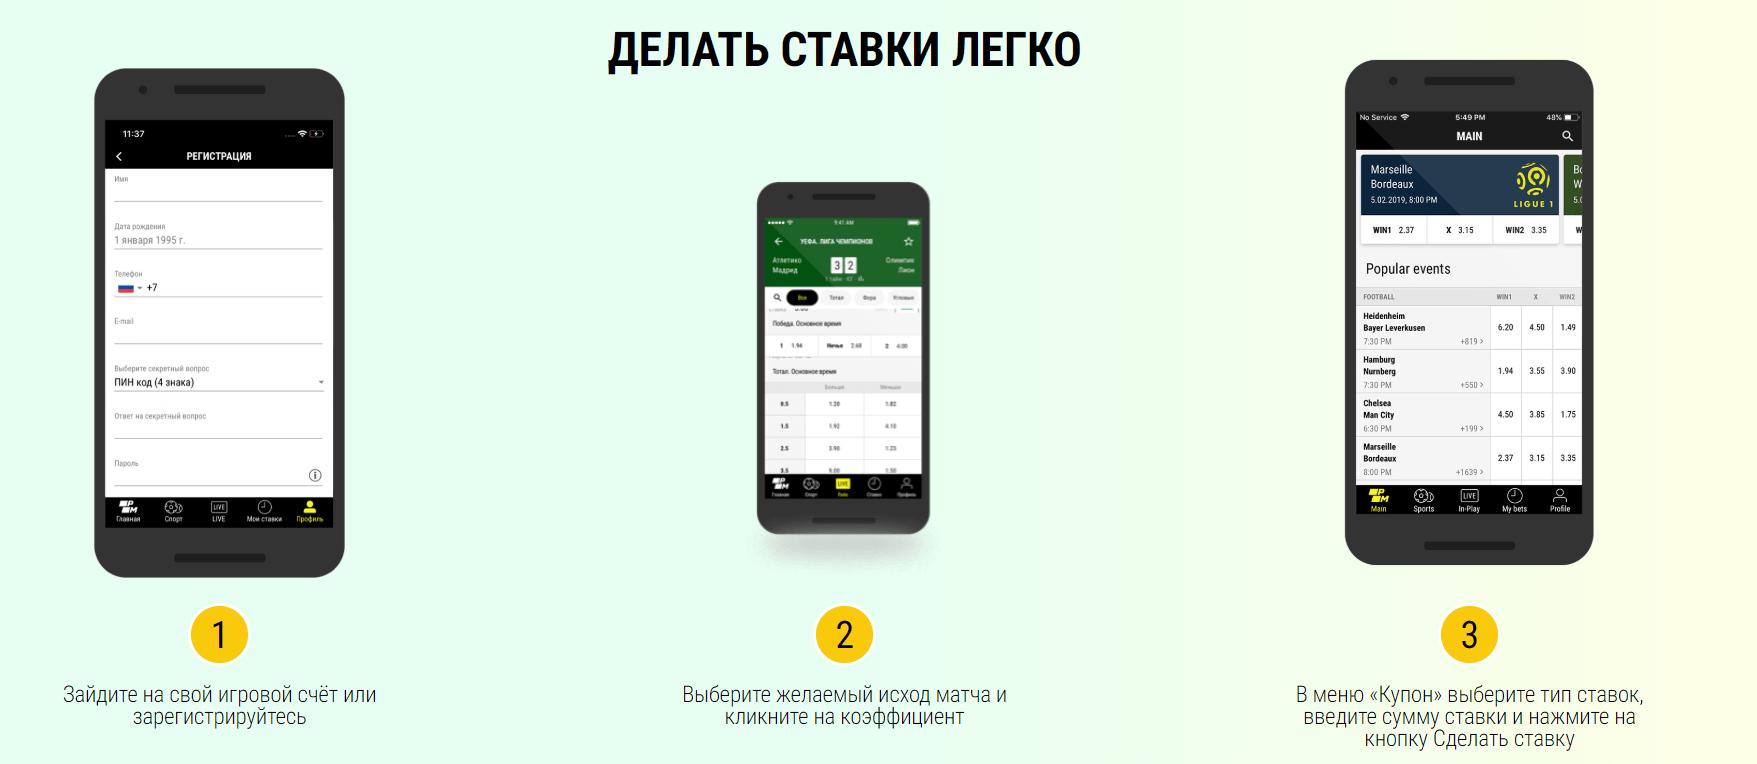 делать ставки в мобильной версии сайта париматч